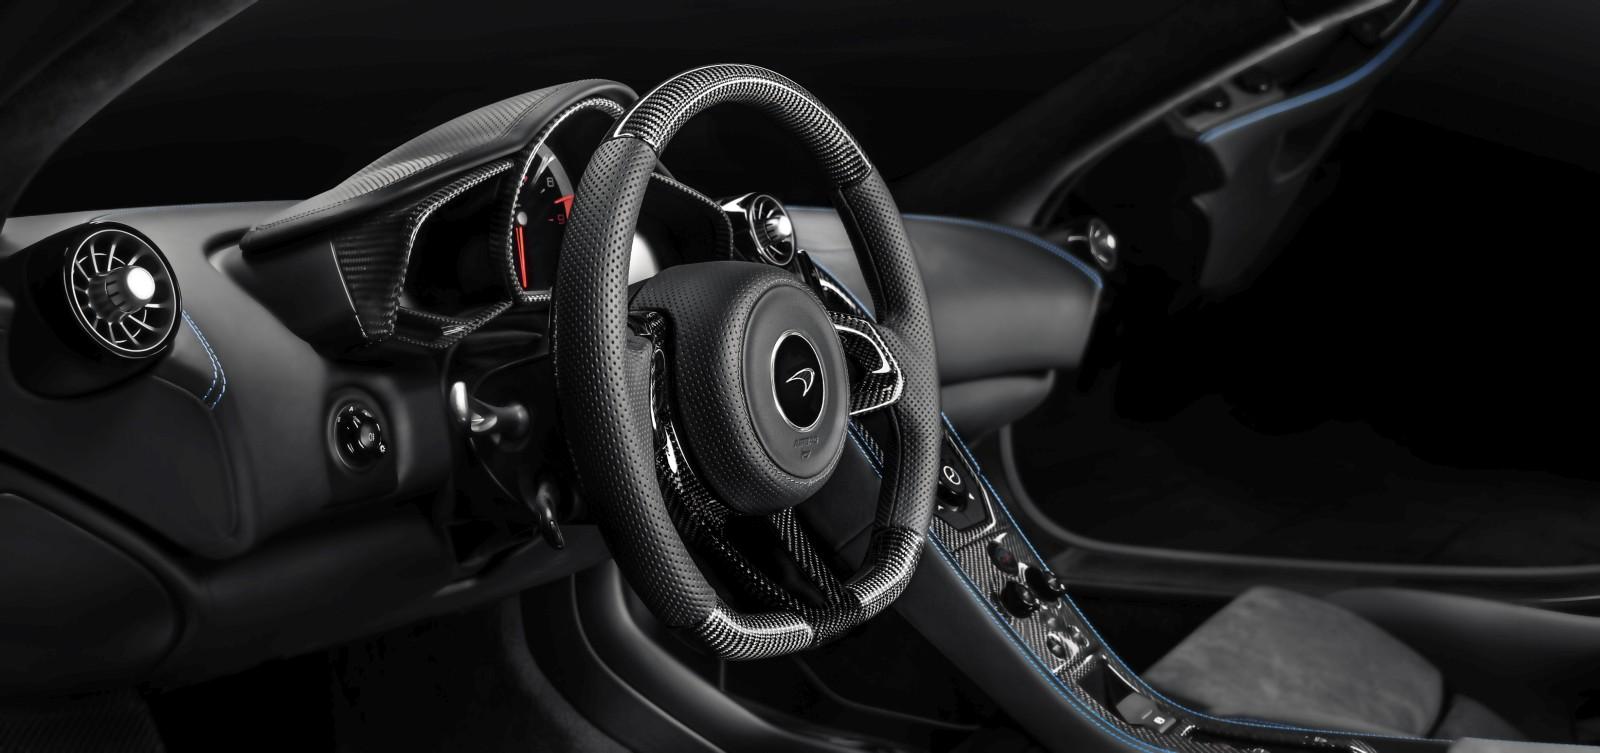 McLaren-12C-650S-675LT-MSO-personalisation-options-4